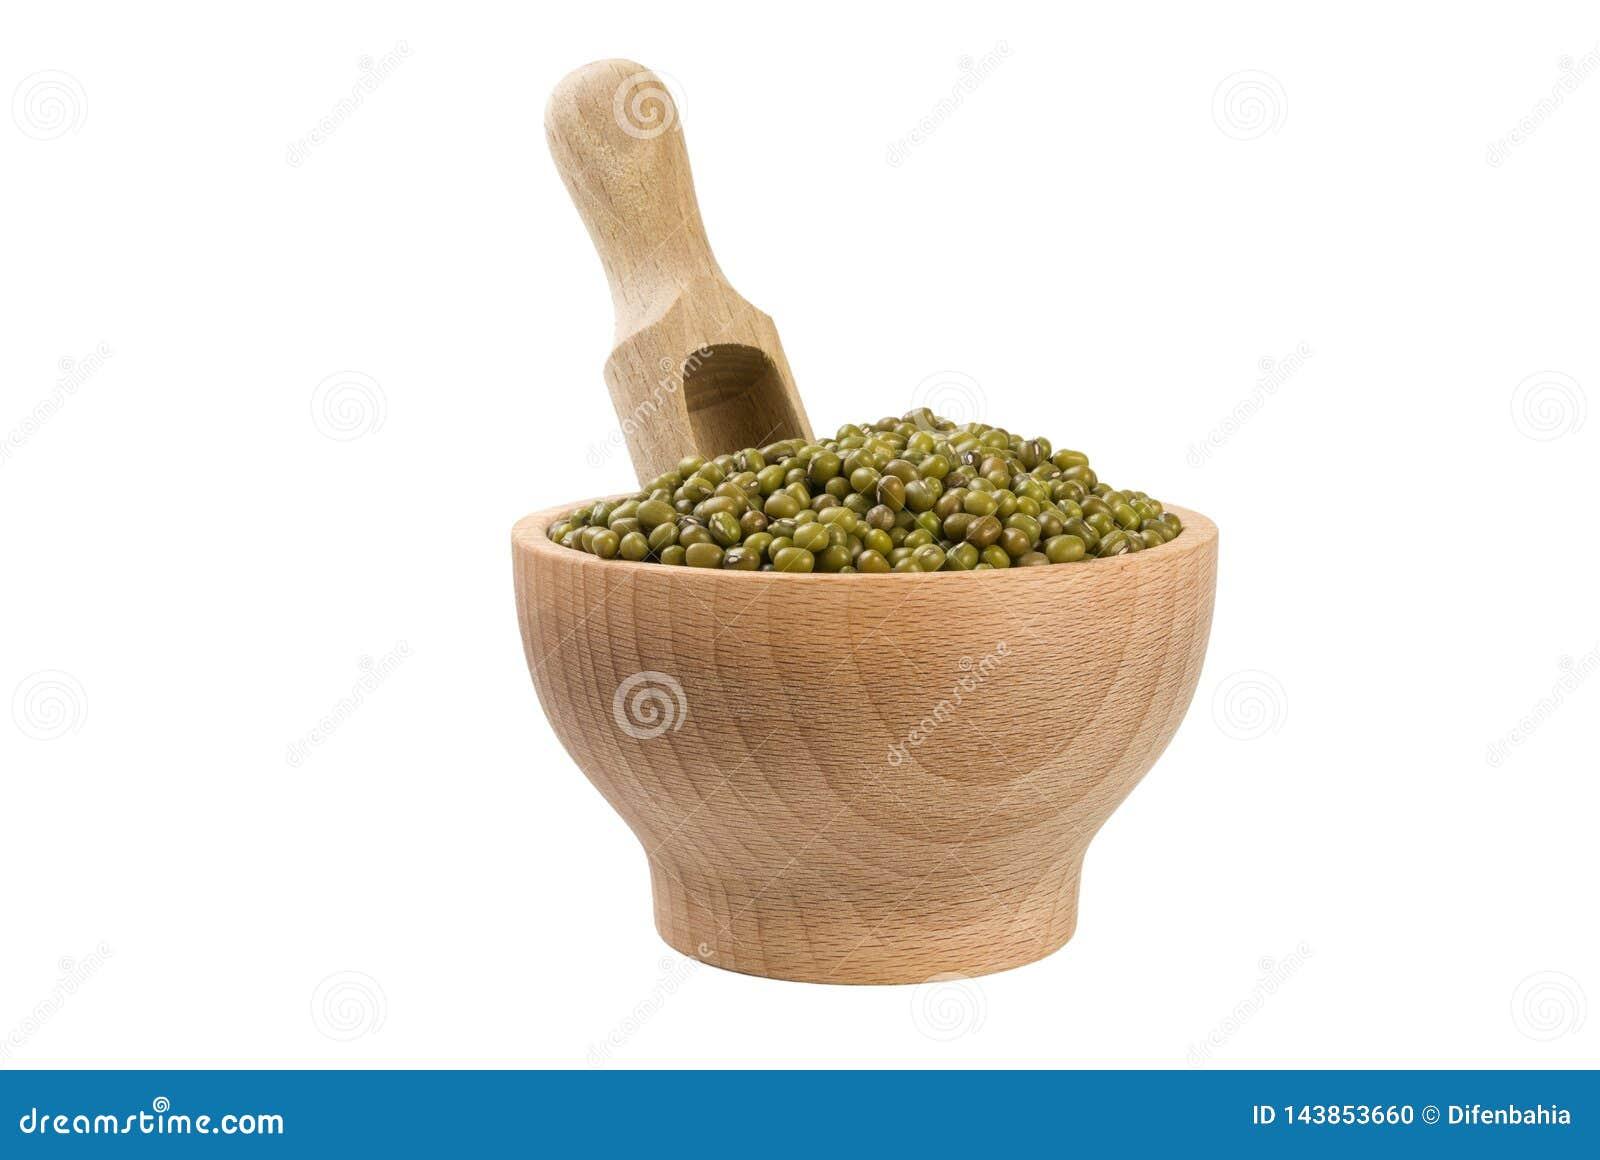 Mung ή Mungo φασόλι στο ξύλινο κύπελλο και σέσουλα που απομονώνεται στο άσπρο υπόβαθρο διατροφή βιο Φυσικό συστατικό τροφίμων